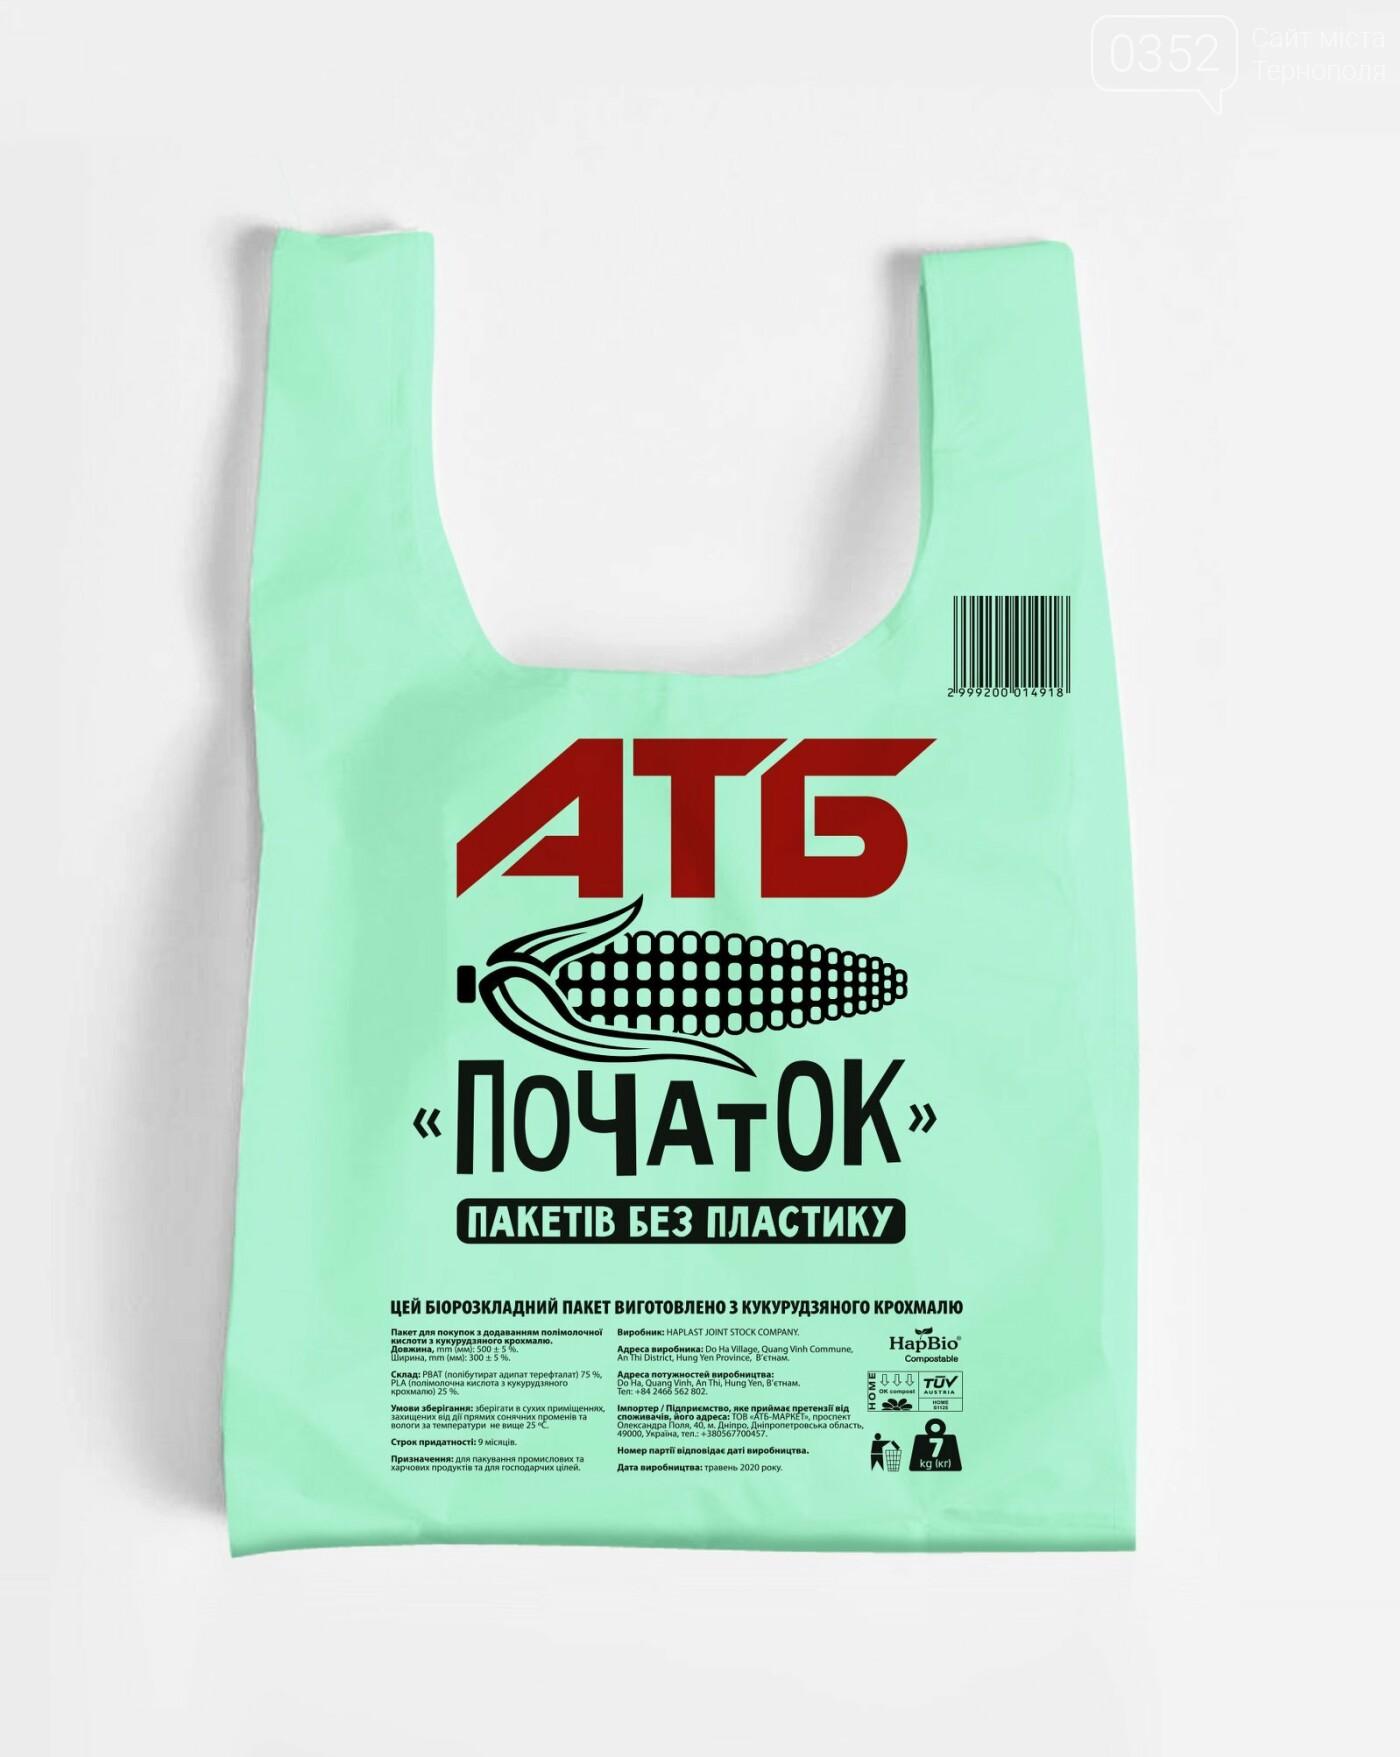 Найбільша торговельна мережа України «АТБ» впроваджує нову екоініціативу – пакети з кукурудзяного крохмалю, фото-2